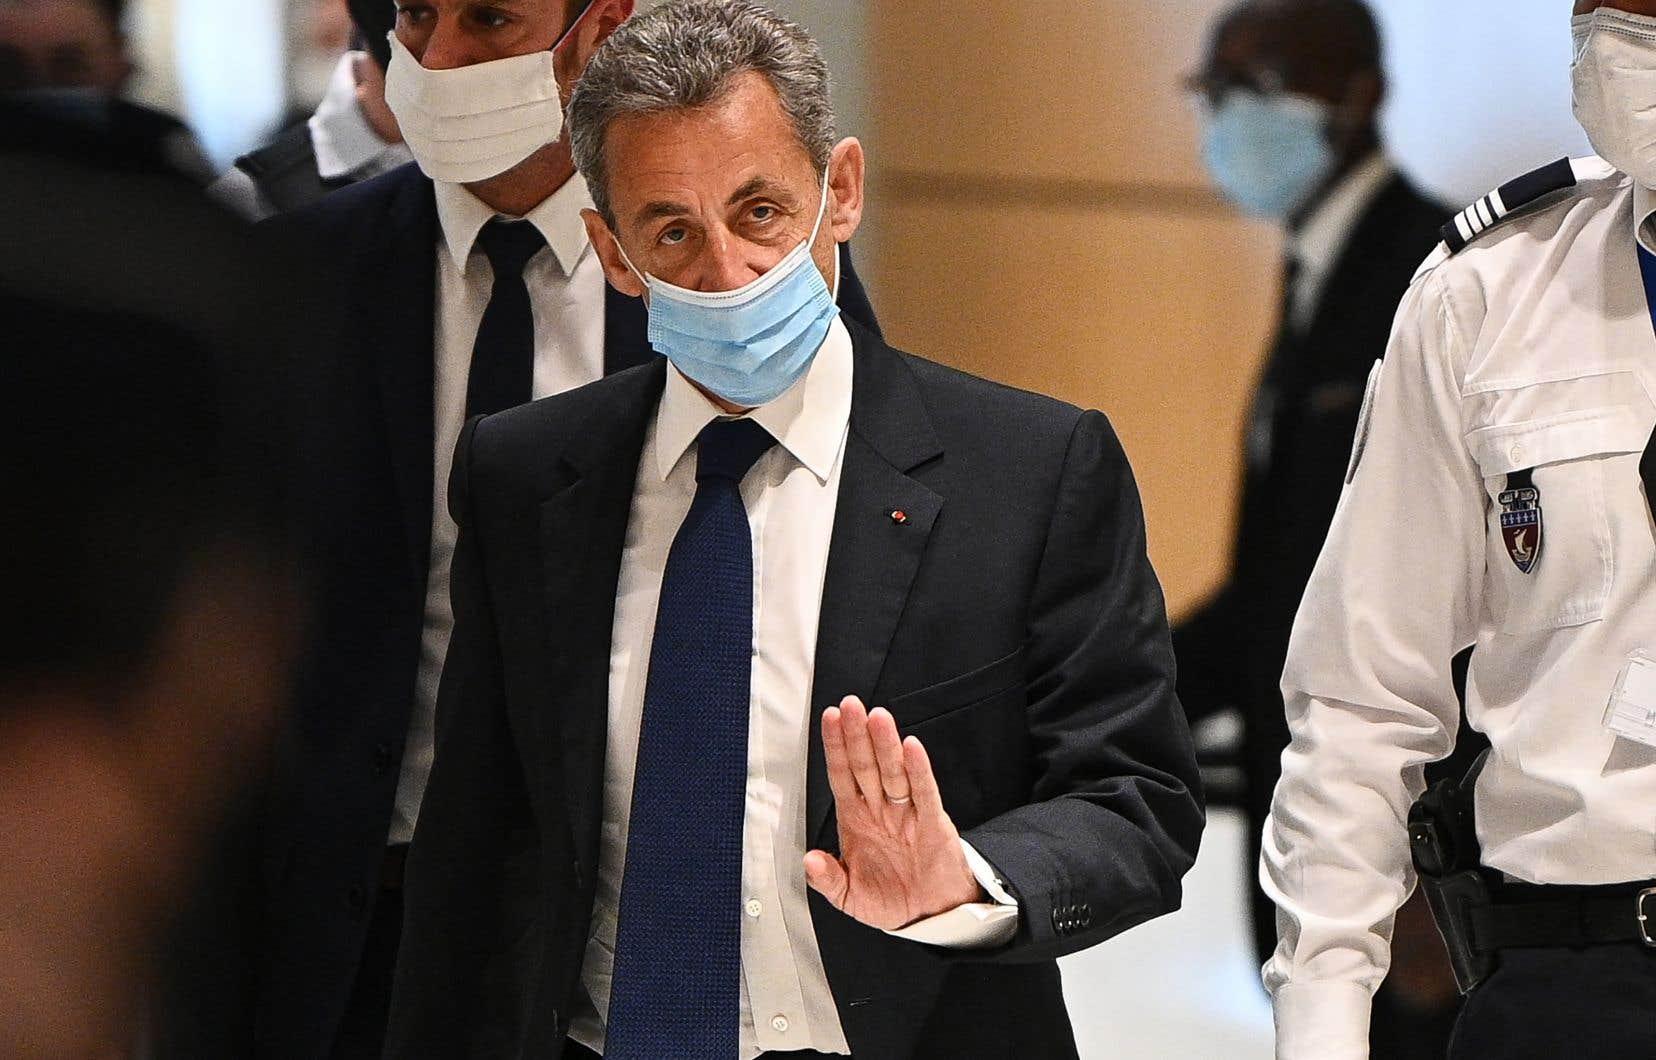 L'ancien président français Nicolas Sarkozy a étécondamné lundi à trois ans de prison pour corruption et trafic d'influence.